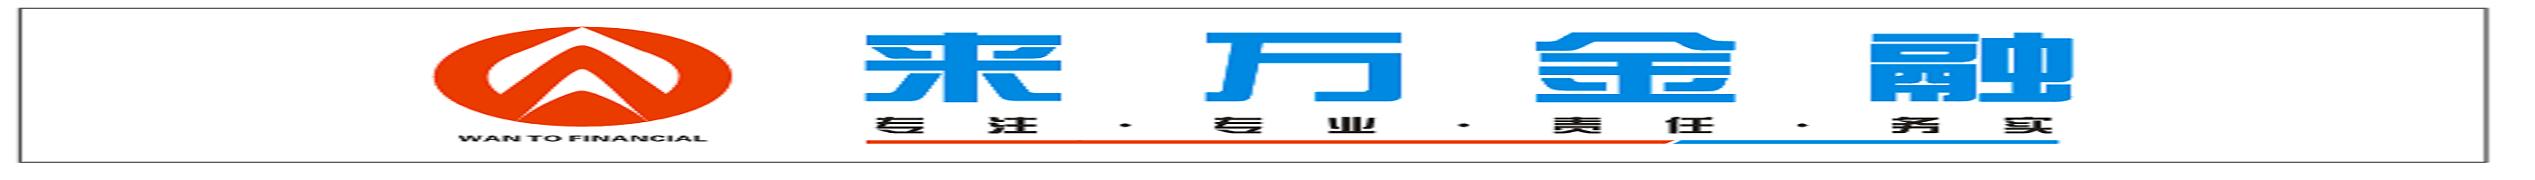 重庆来万科技有限公司_联英人才网_hrm.cn